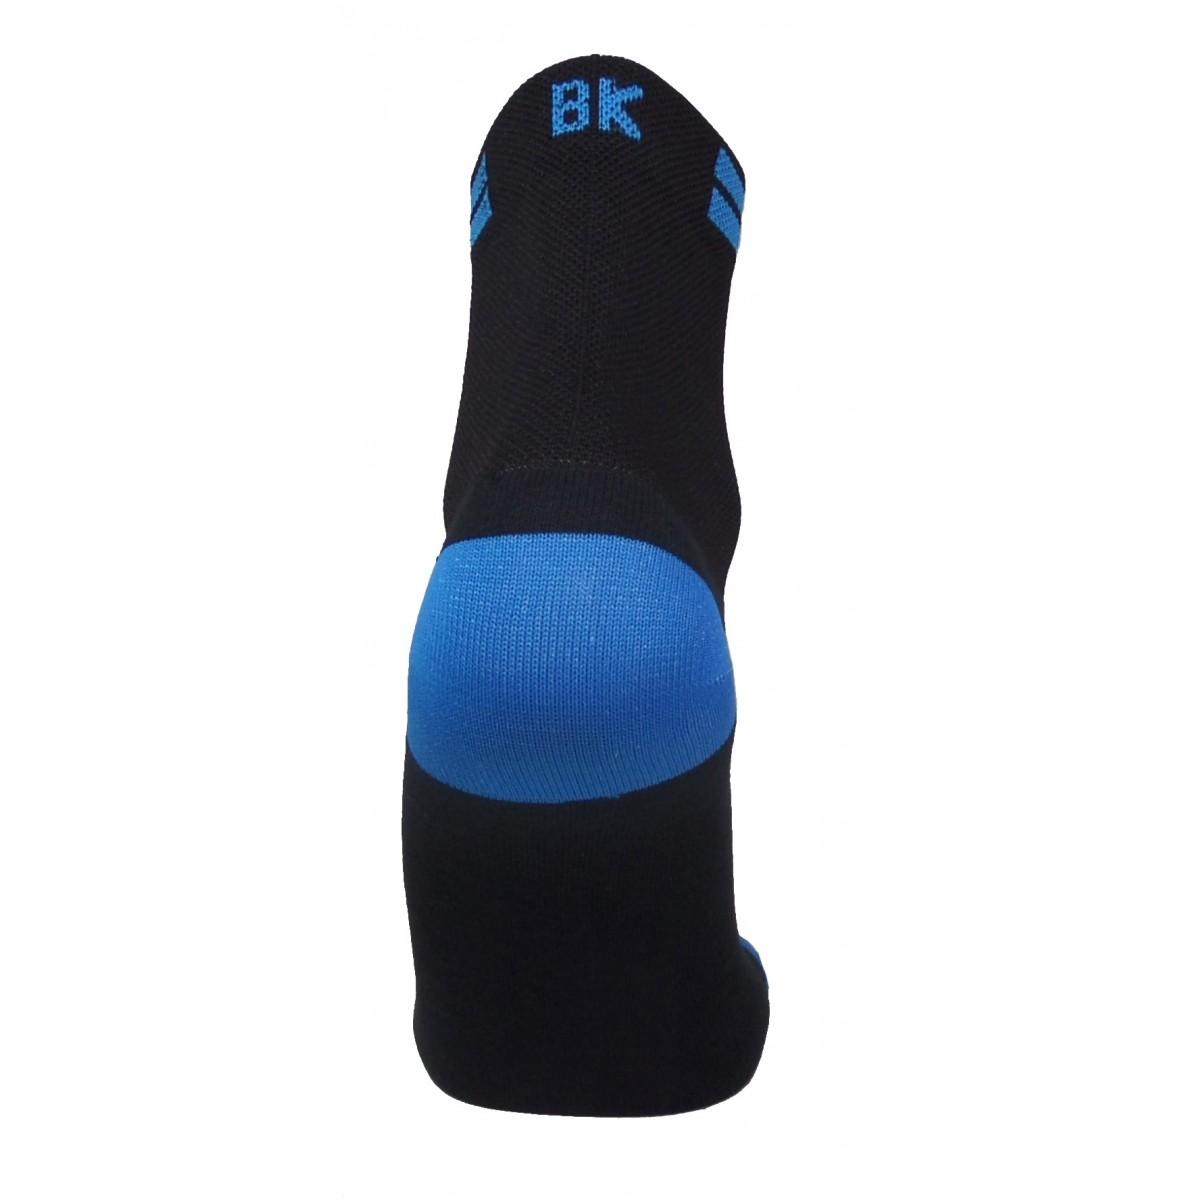 Par de meia de ciclismo cano médio BK -  Preto com Azul Turquesa